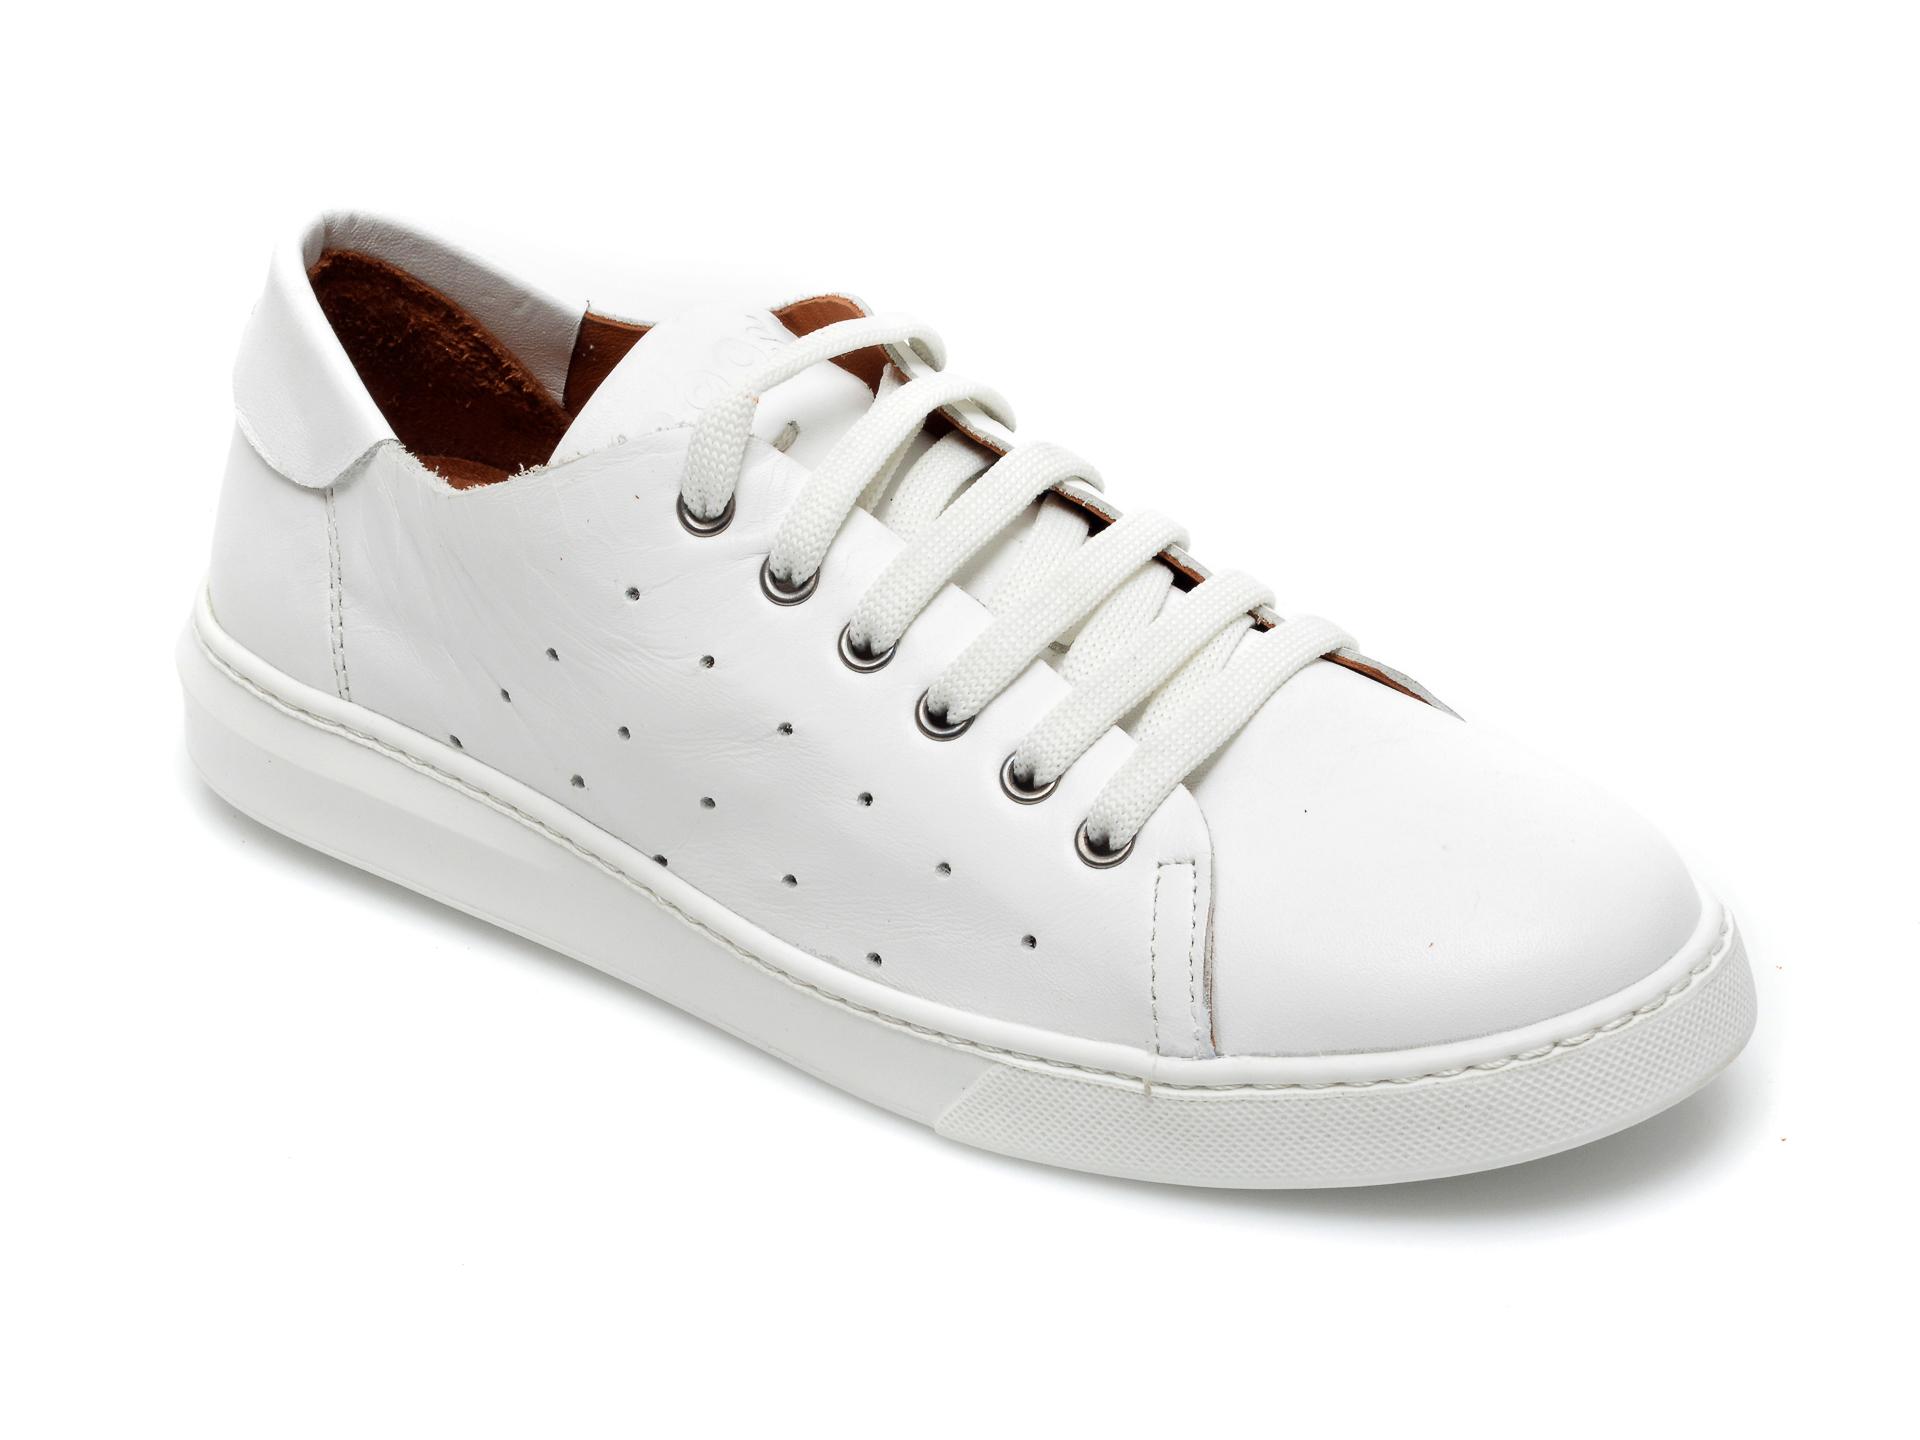 Pantofi BABOOS albi, 2301, din piele naturala